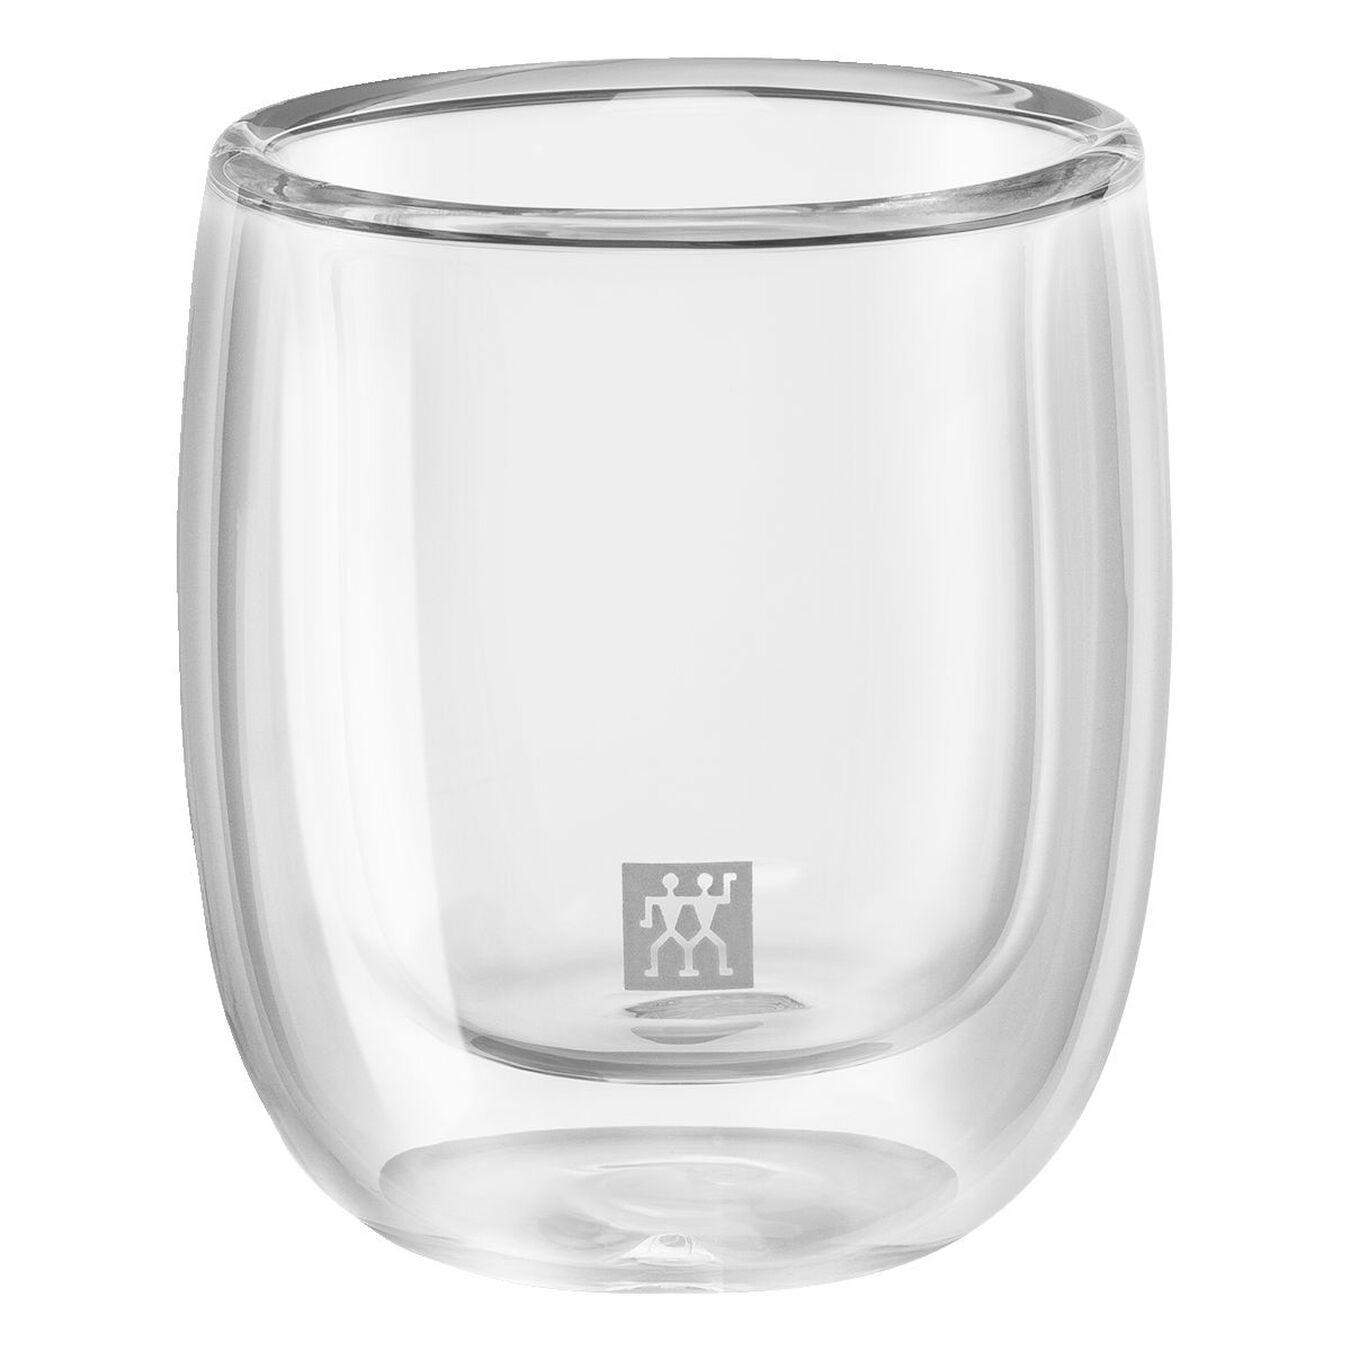 2-pcs Service de verres à expresso,,large 2